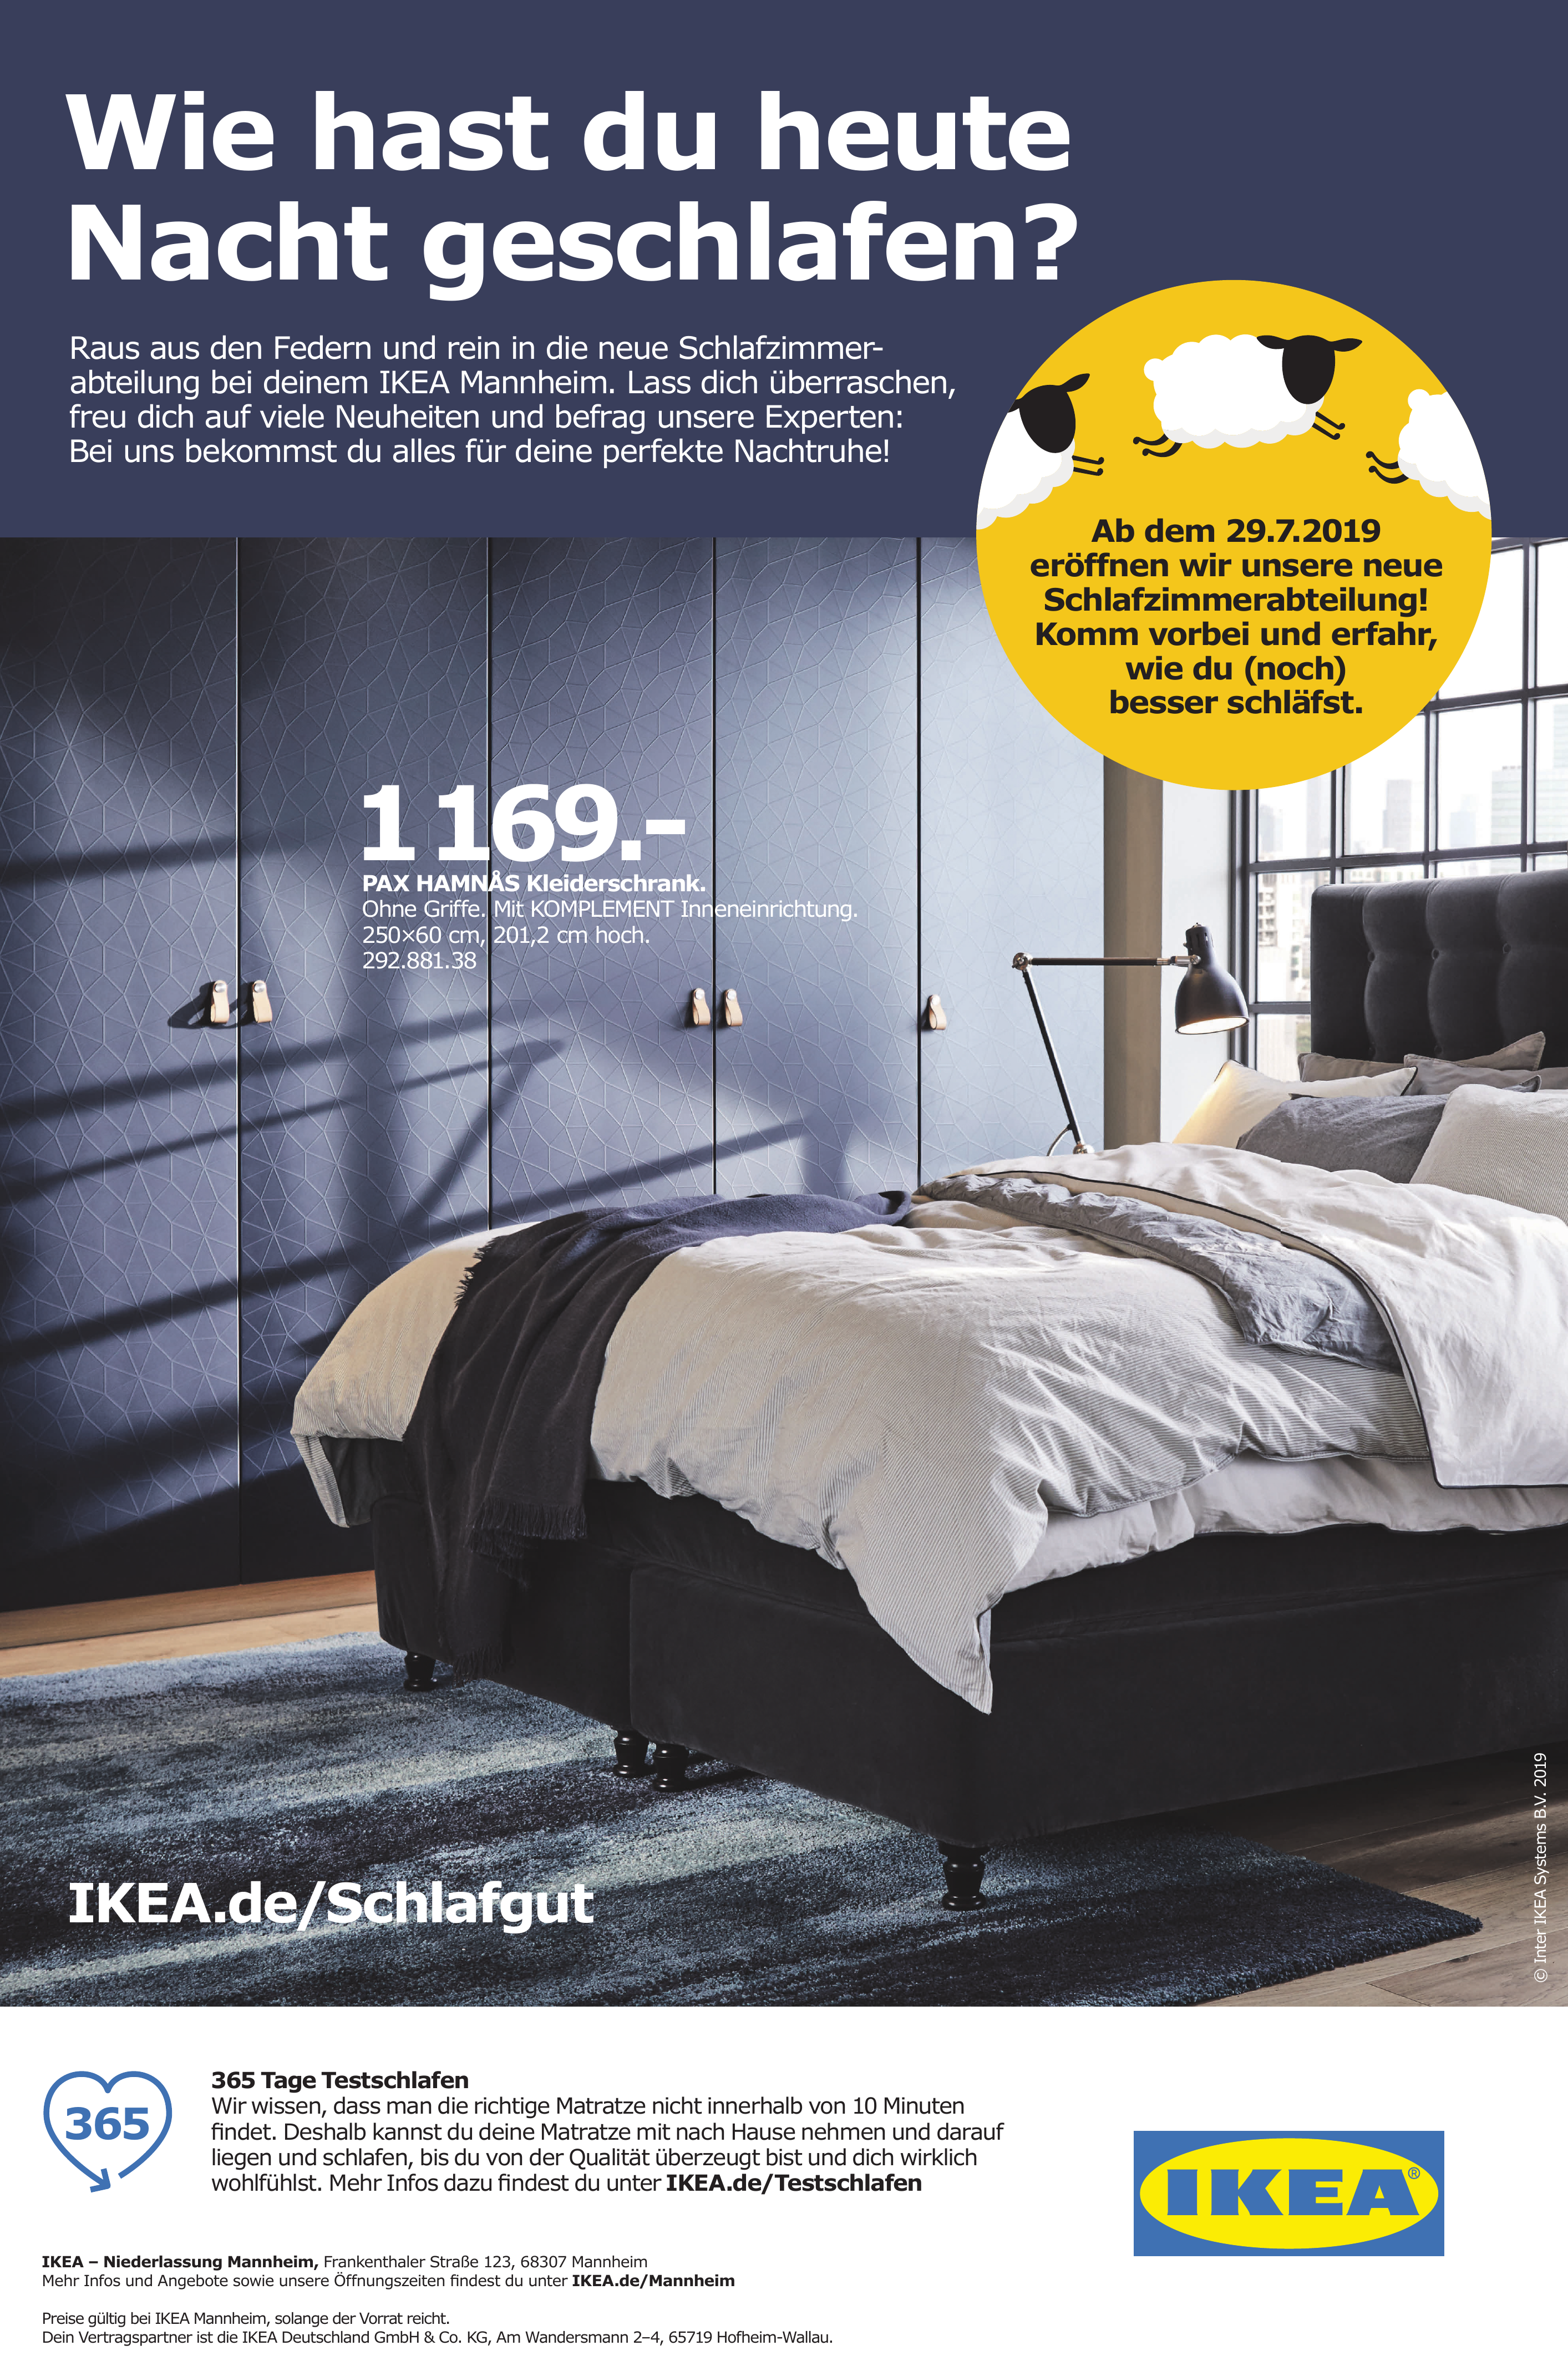 IKEA – Niederlassung Mannheim